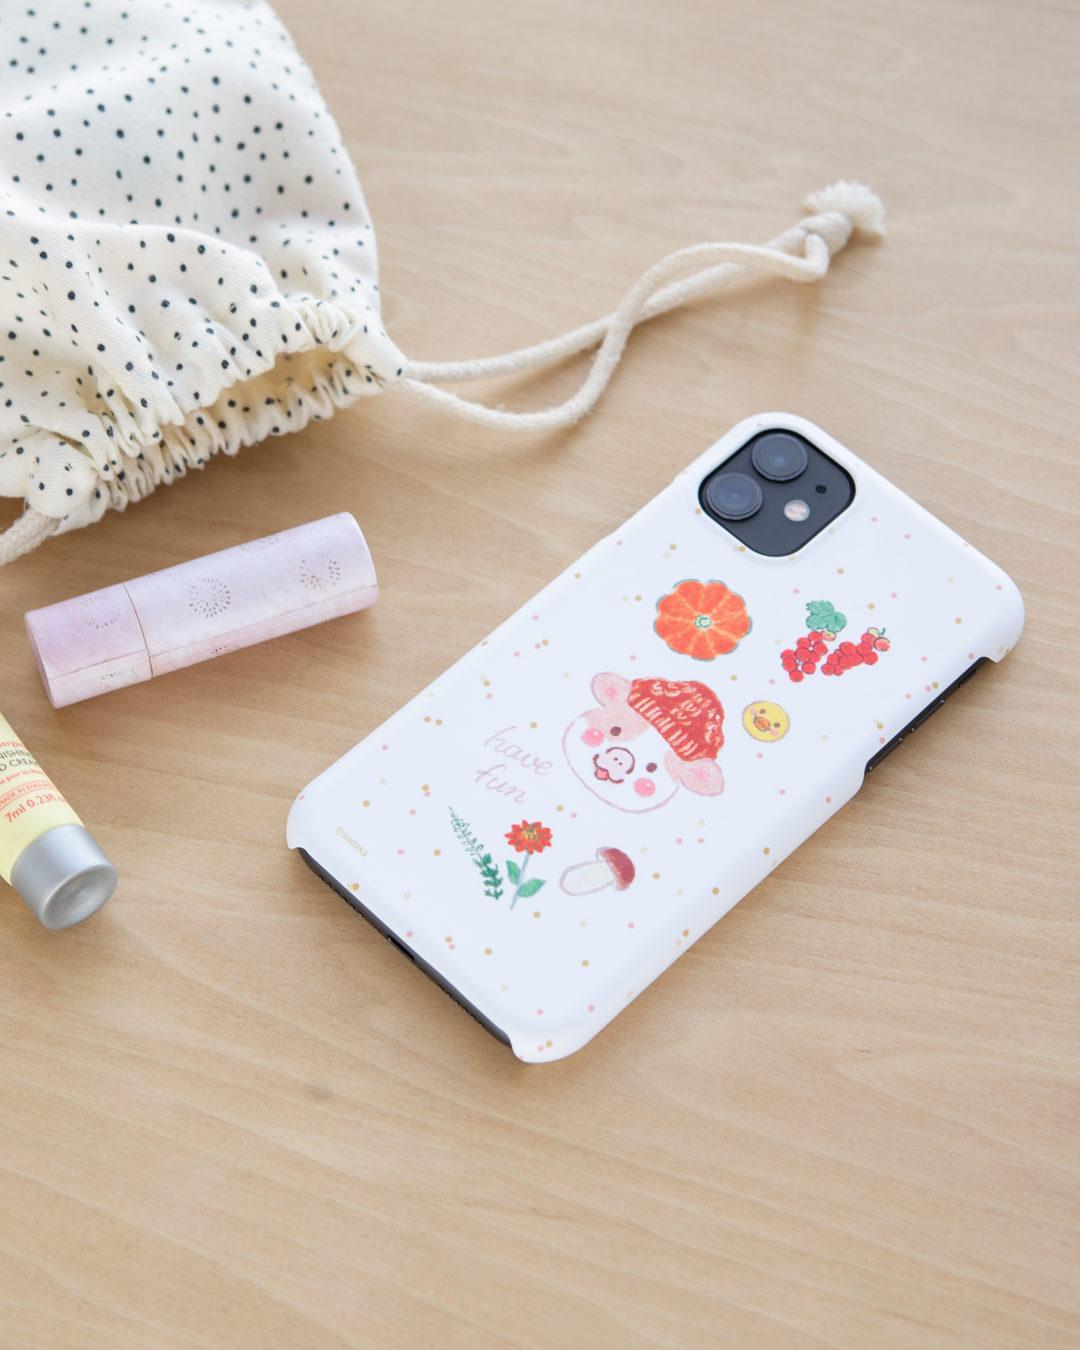 ほんわか日和 iPhoneケース 冬のおさんぽ【ウフ】 ほんわかストア